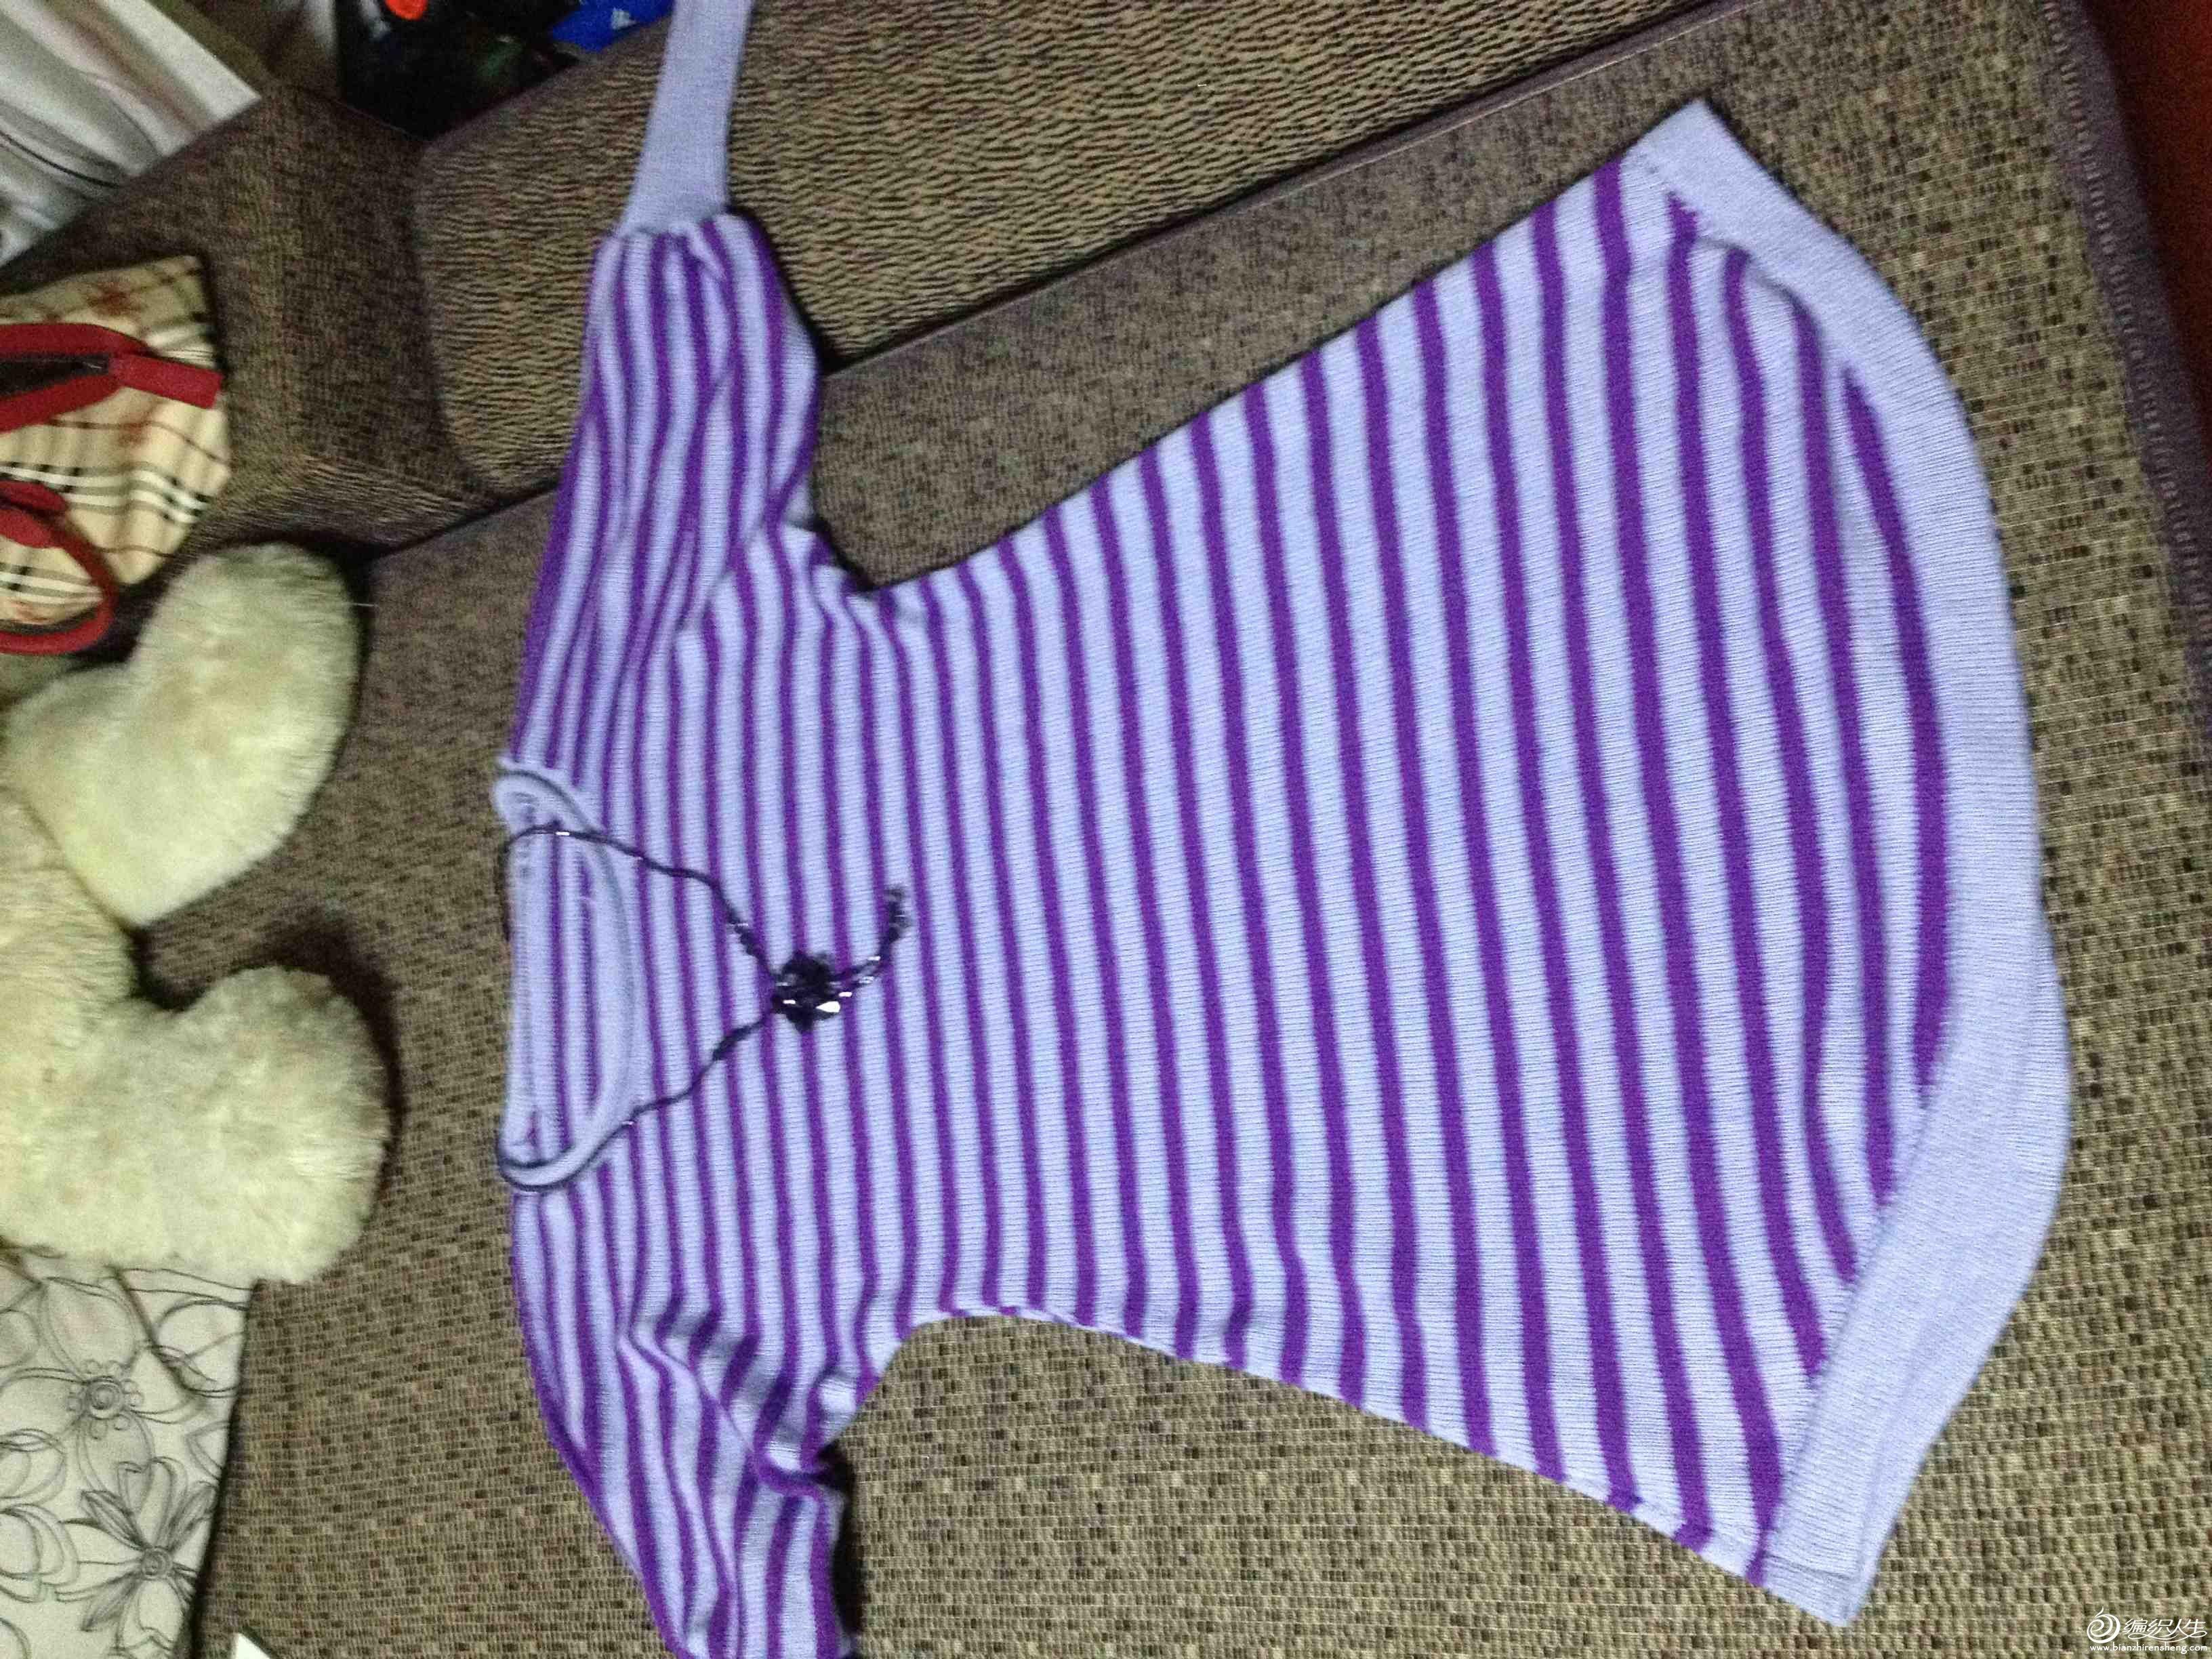 配饰也是紫色的,但是颜色差别蛮大的